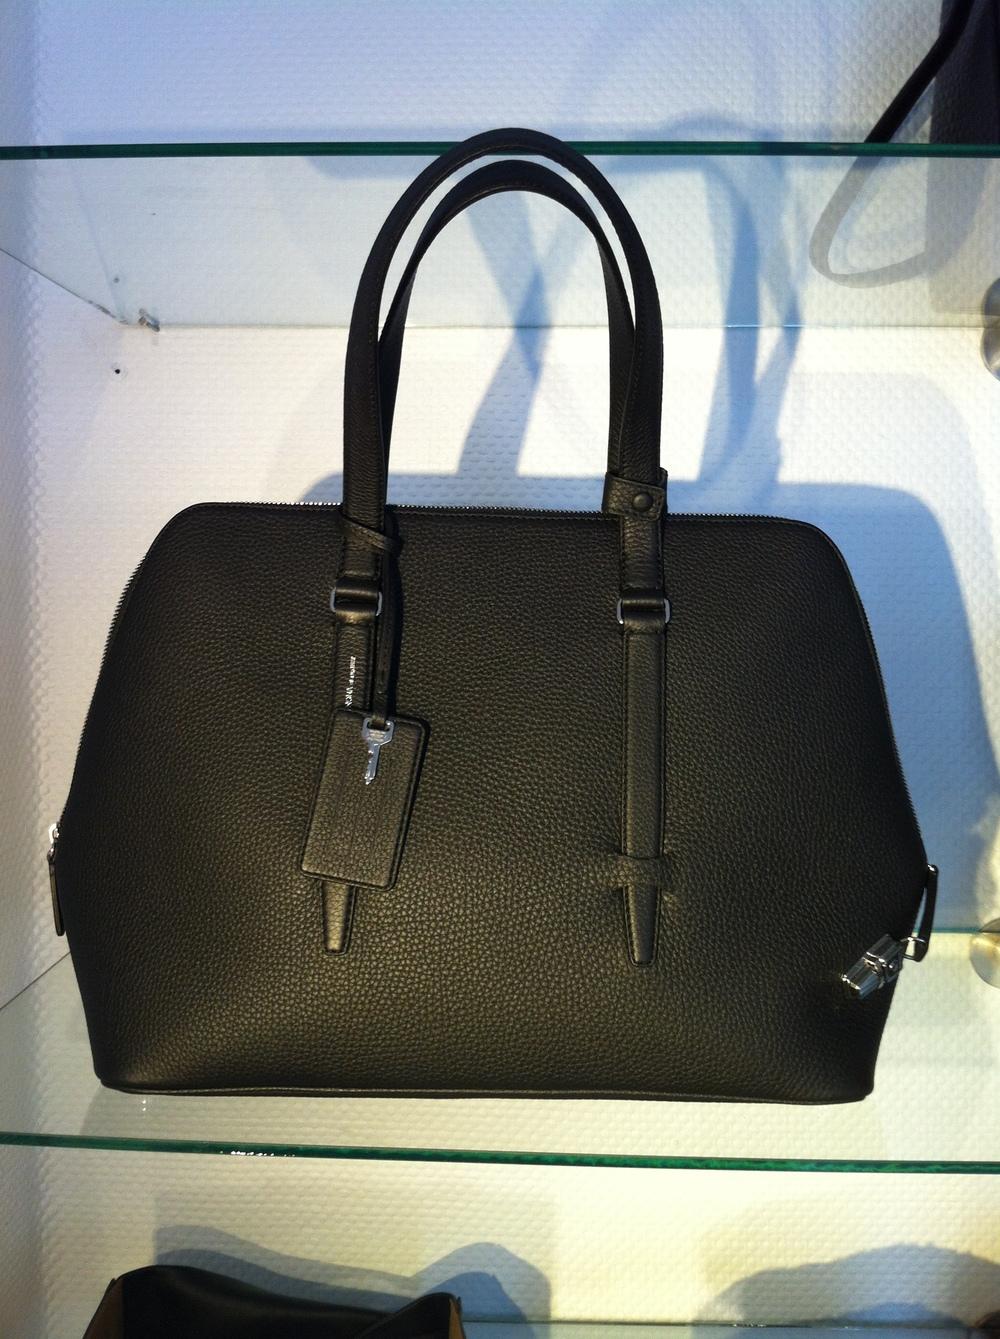 Bag by Agnona